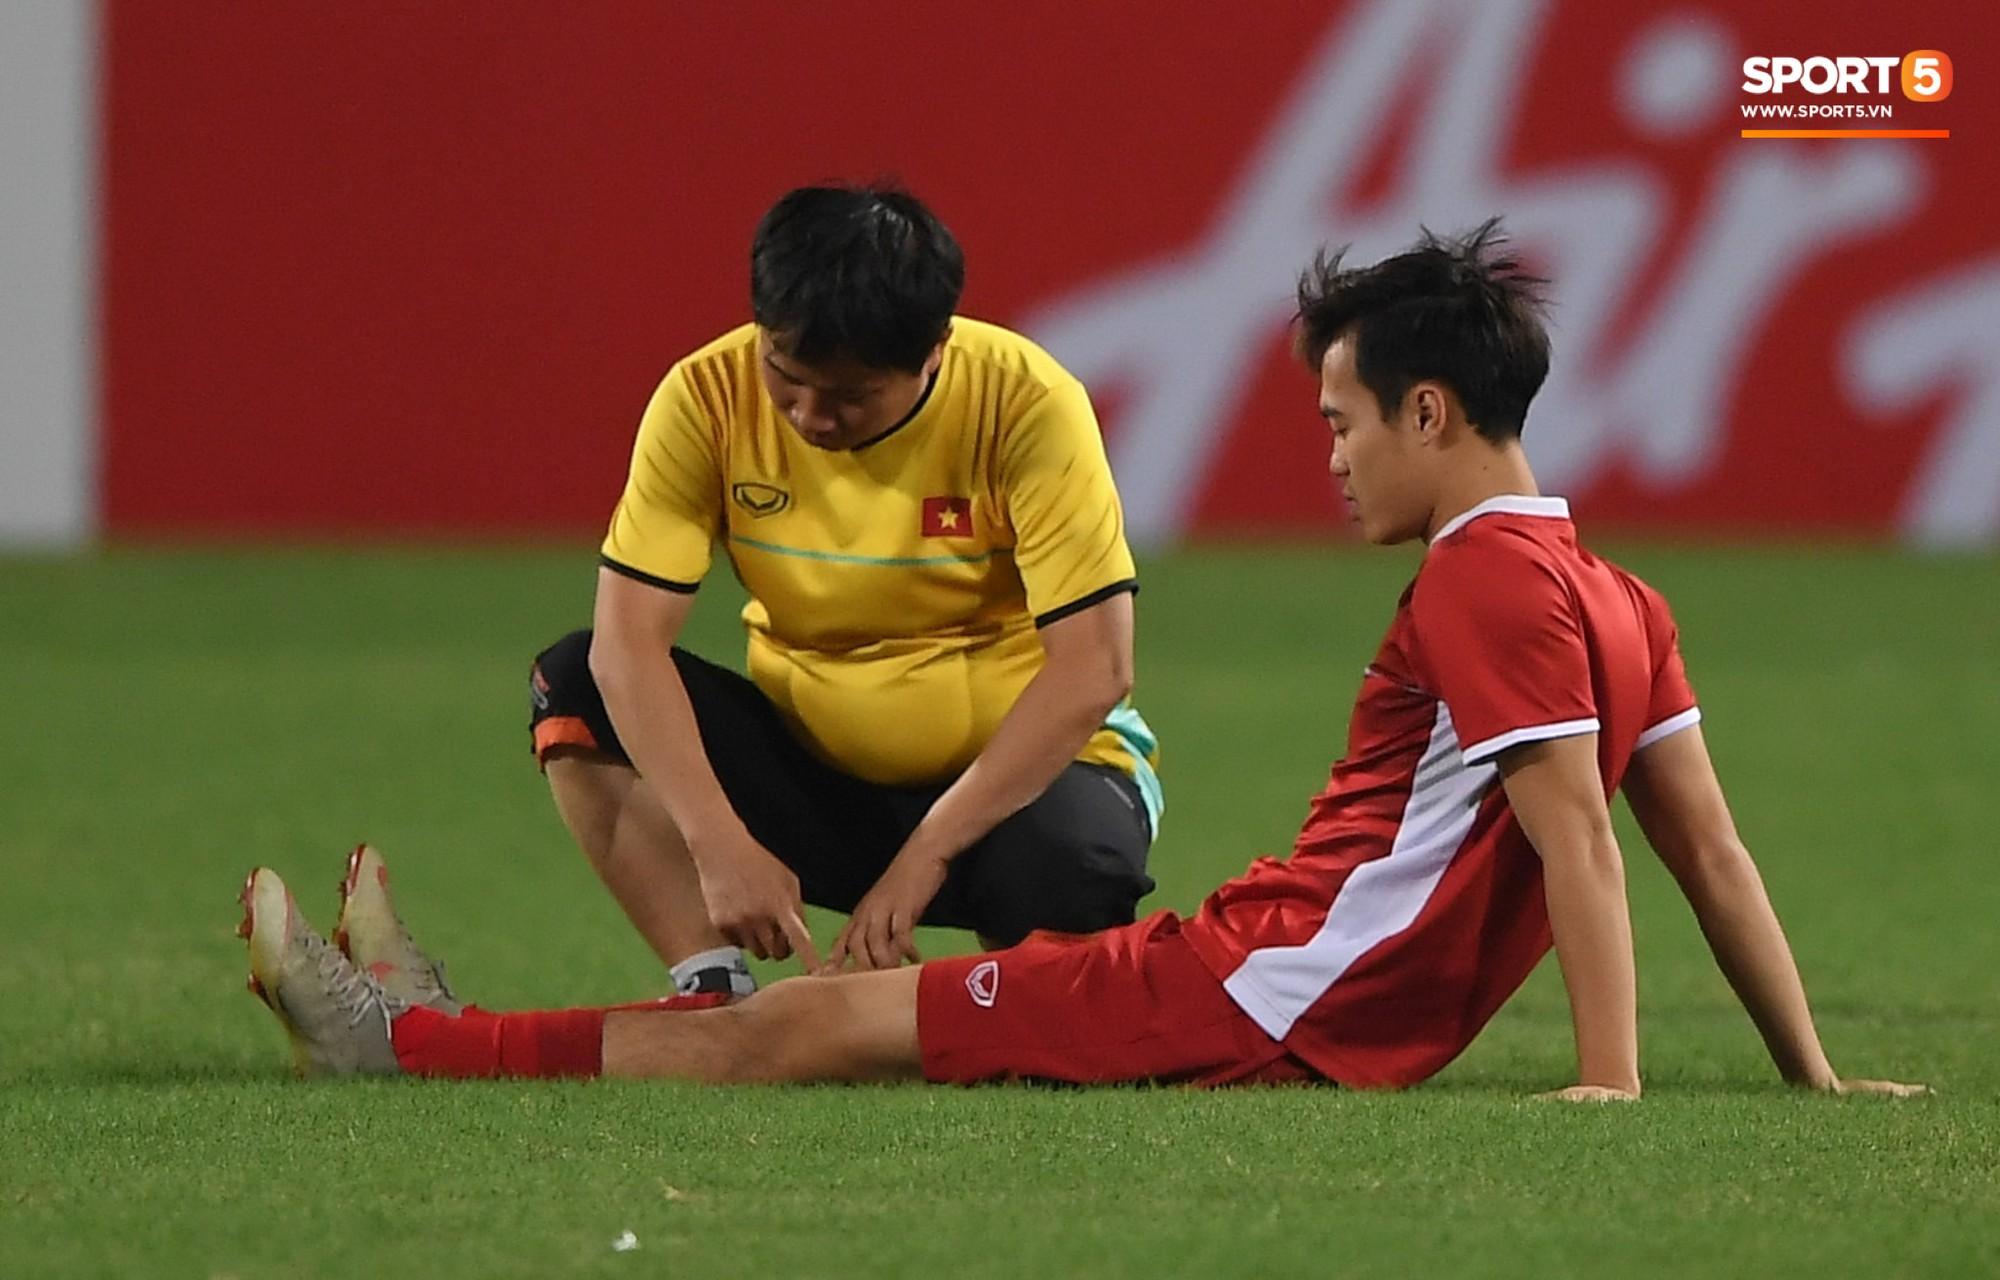 Văn Toàn sẽ không thể tham dự trận bán kết lượt về với Philippines vào tối mai (6/12). Anh chỉ có thể trở lại sớm nhất ở trận chung kết nếu Việt Nam giành quyền tham dự.